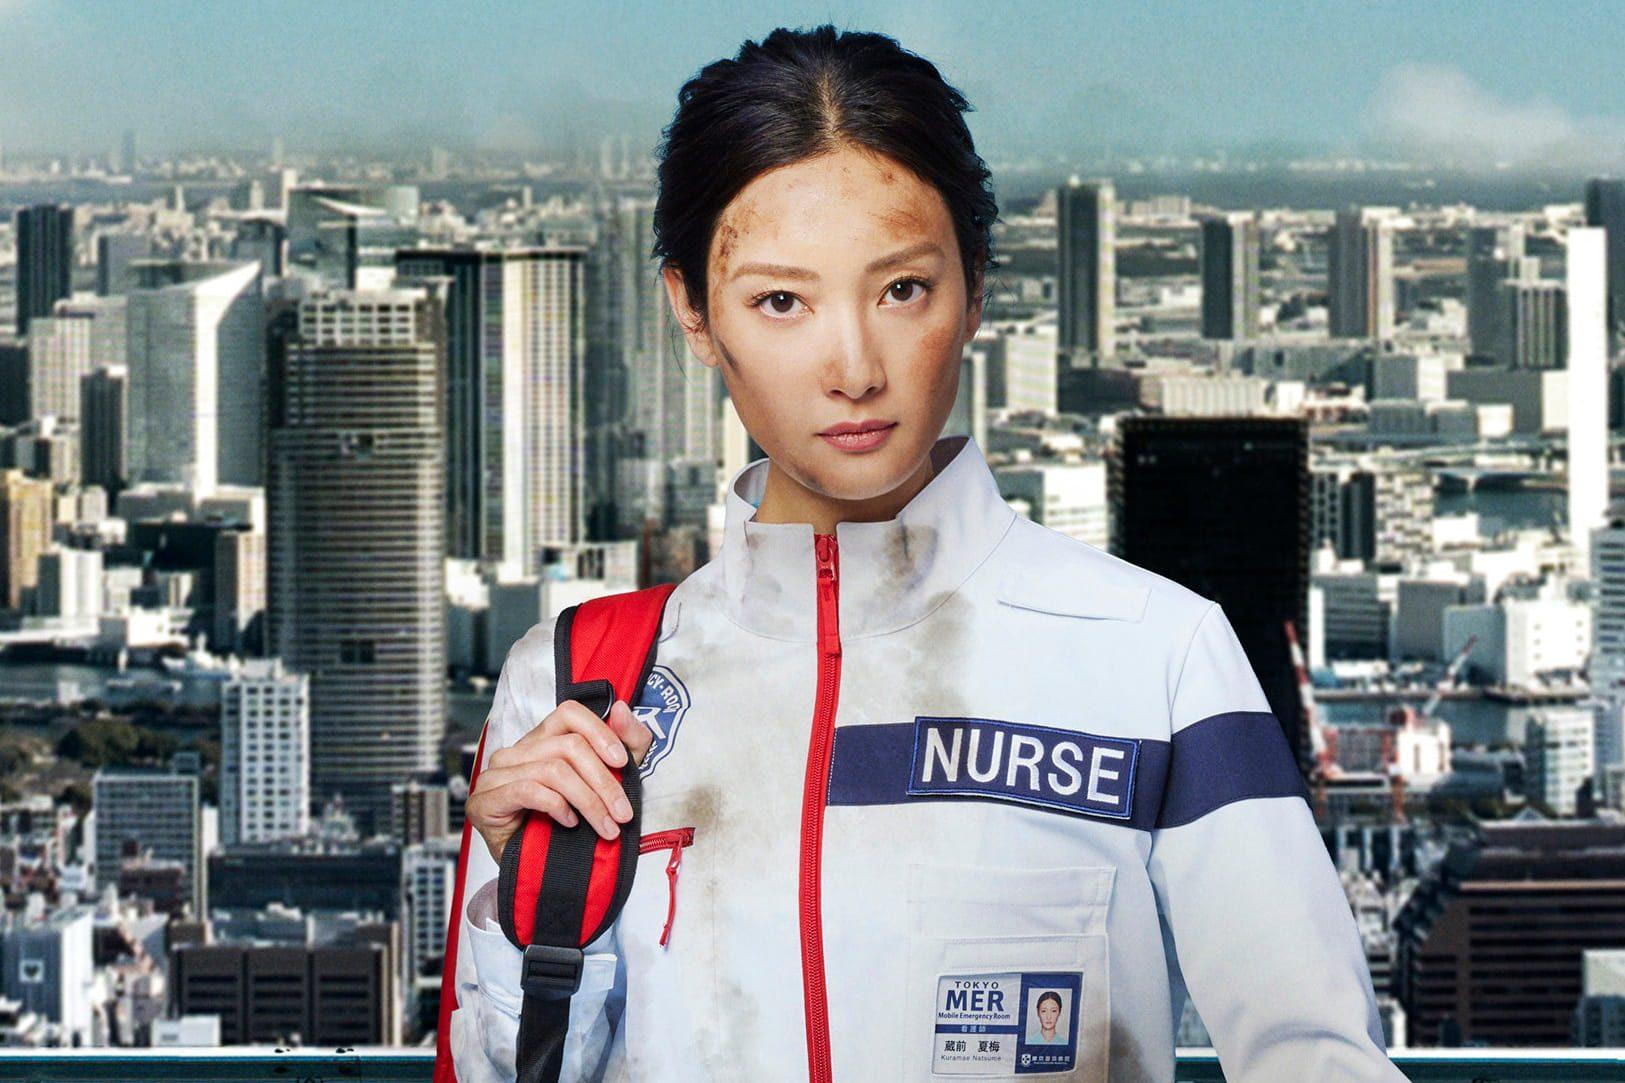 菜々緒、7月スタートのドラマ『TOKYO MER』出演 シングルマザーの凄腕看護師役 – ニュースサイトしらべぇ